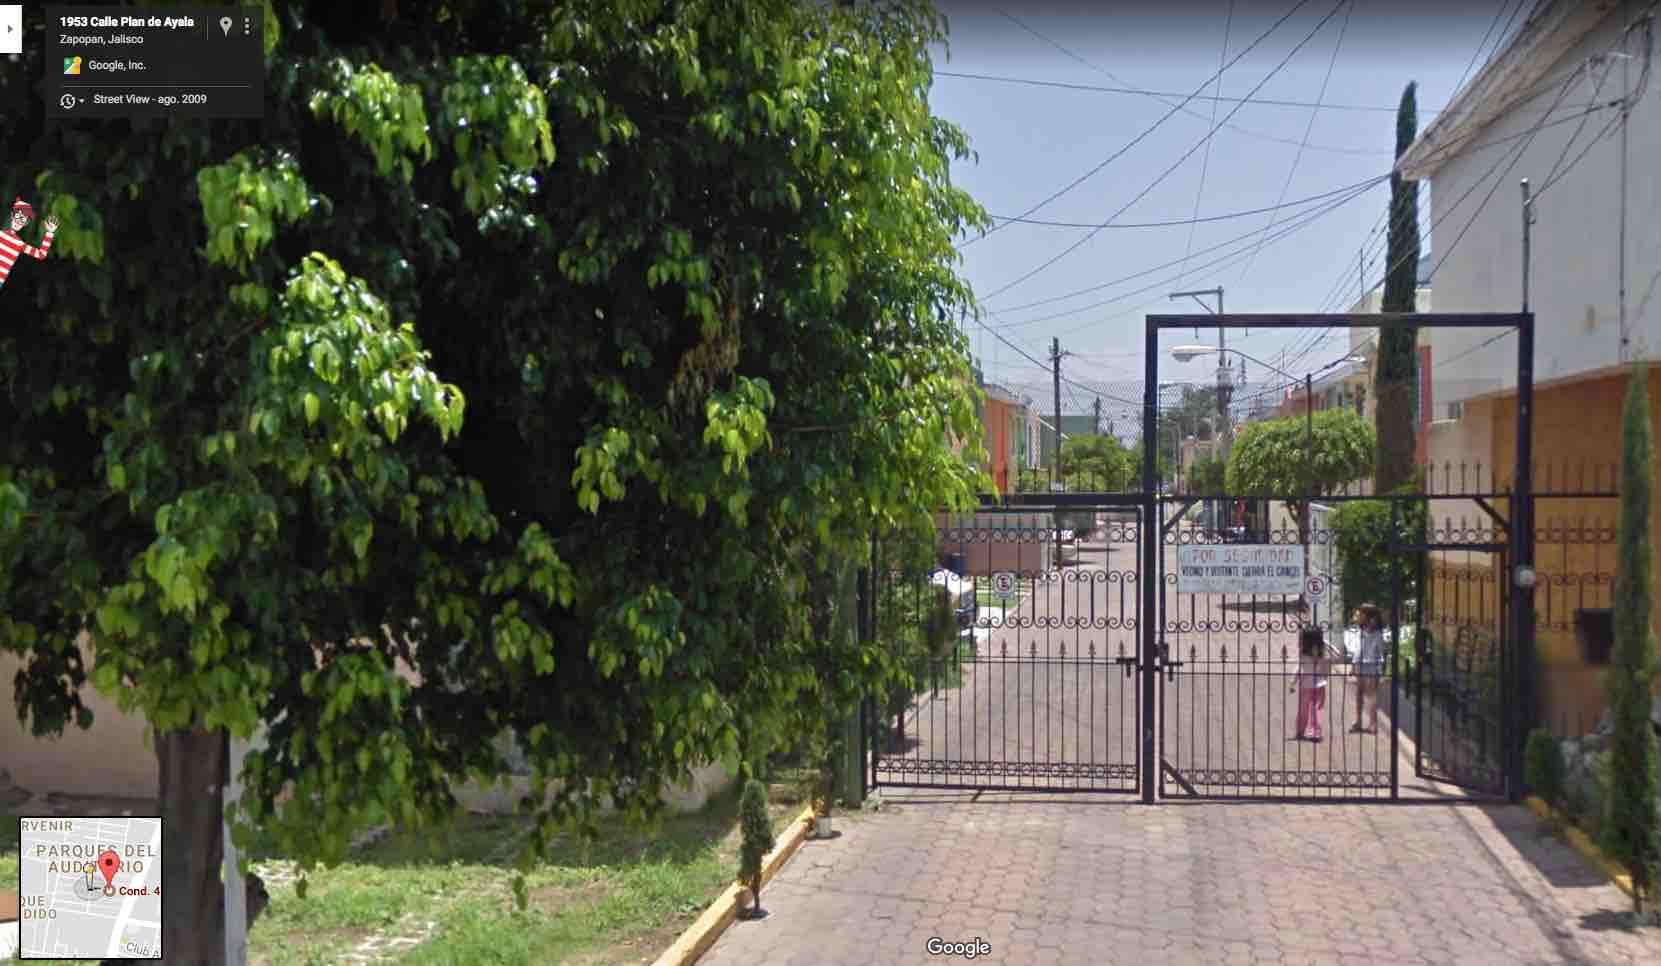 Fracc. Parques del Auditorio, Plan de Ayala 1820, Casa 29, Zapopan, Jal.